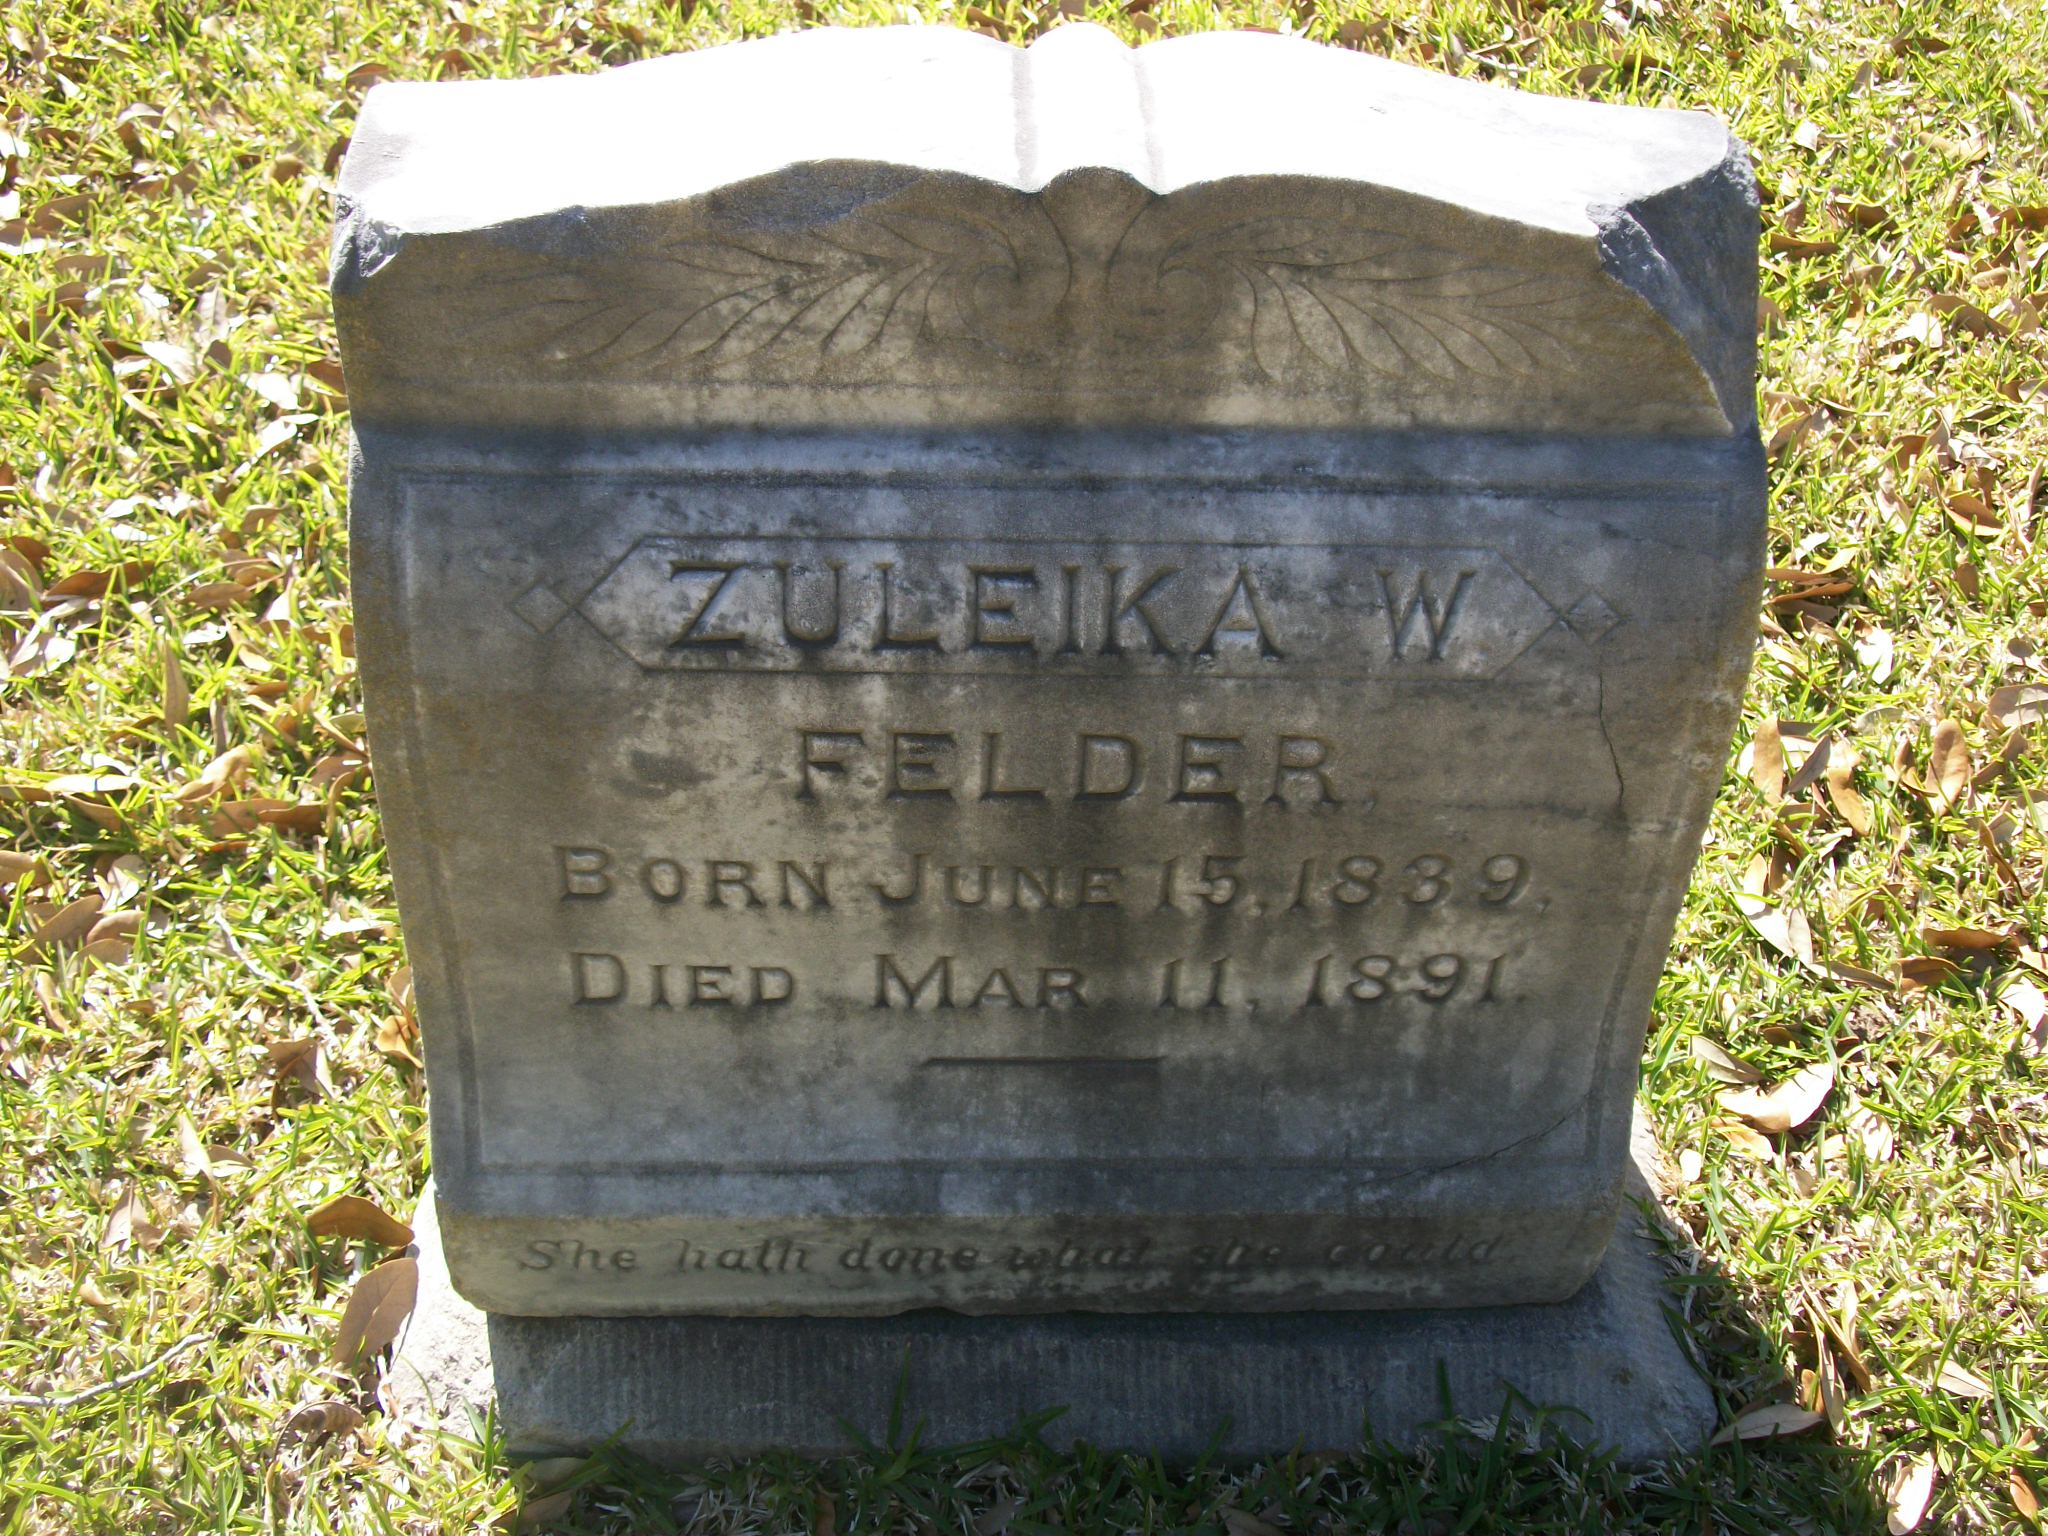 Zuleika W Felder